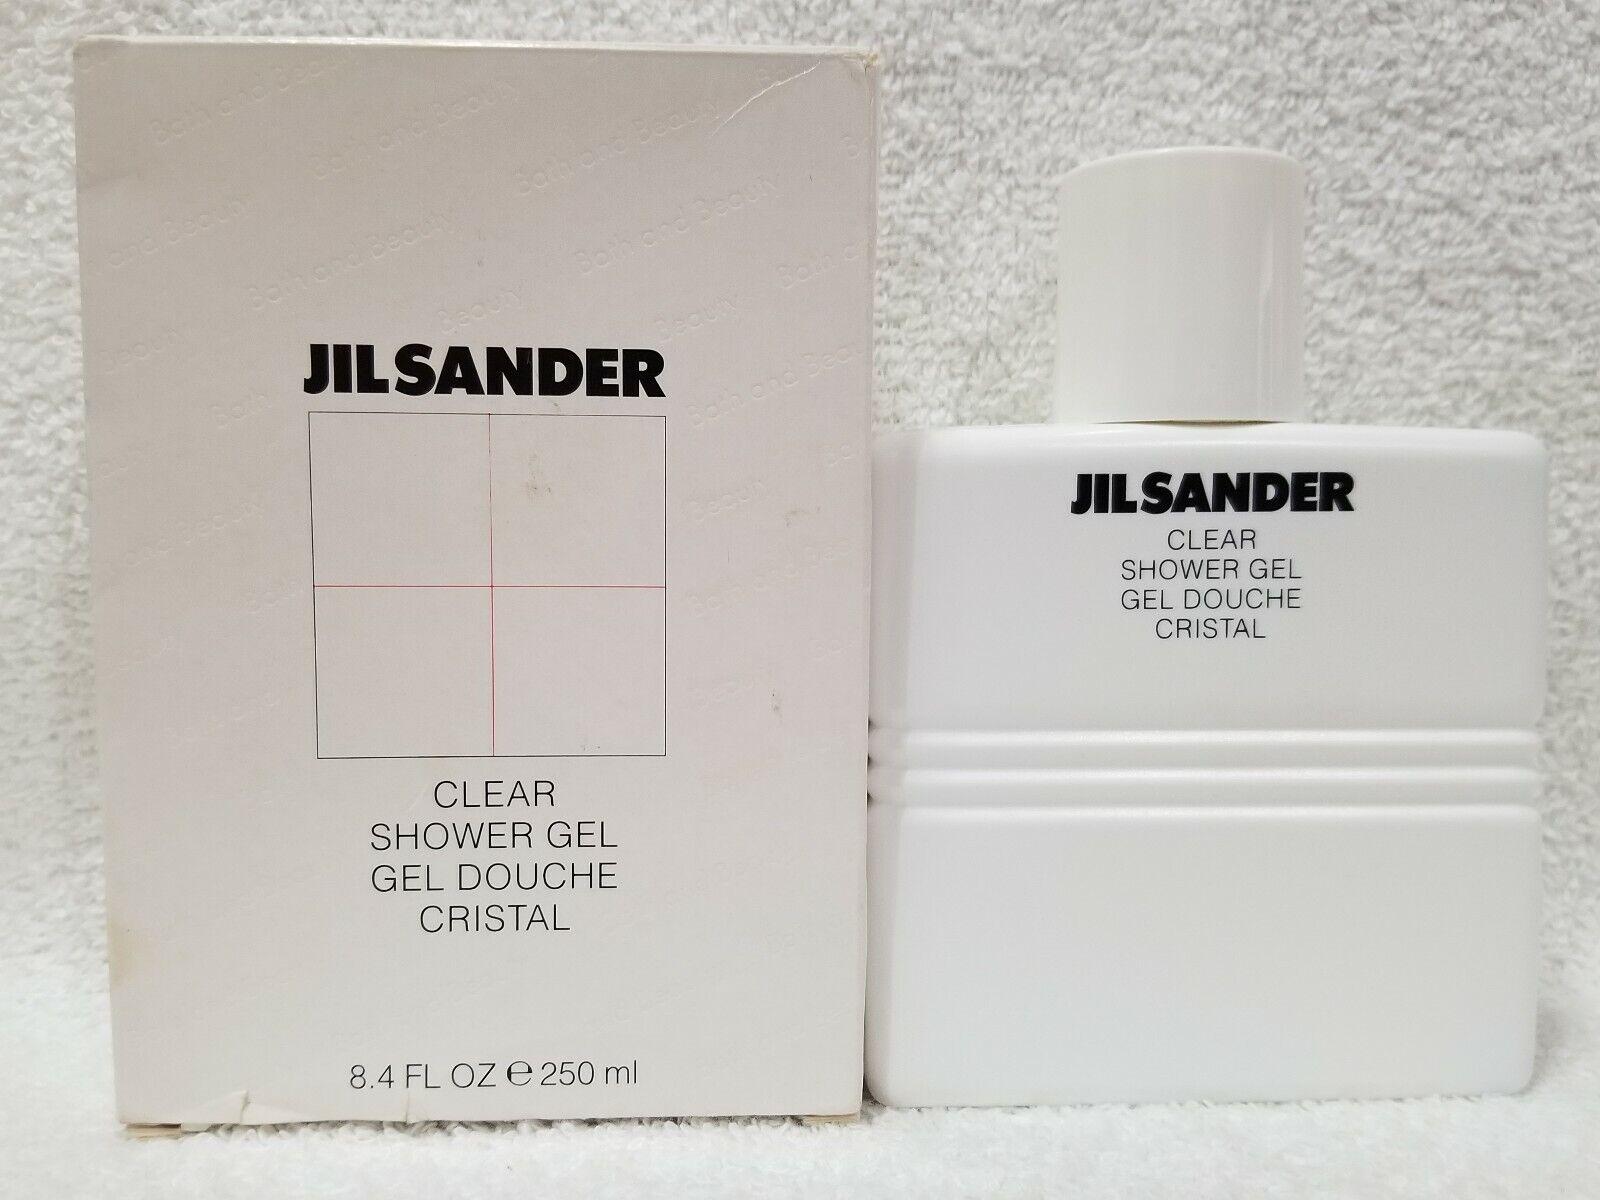 Jil Sander JIL SANDER Clear Shower Gel Cleansing Foam Women